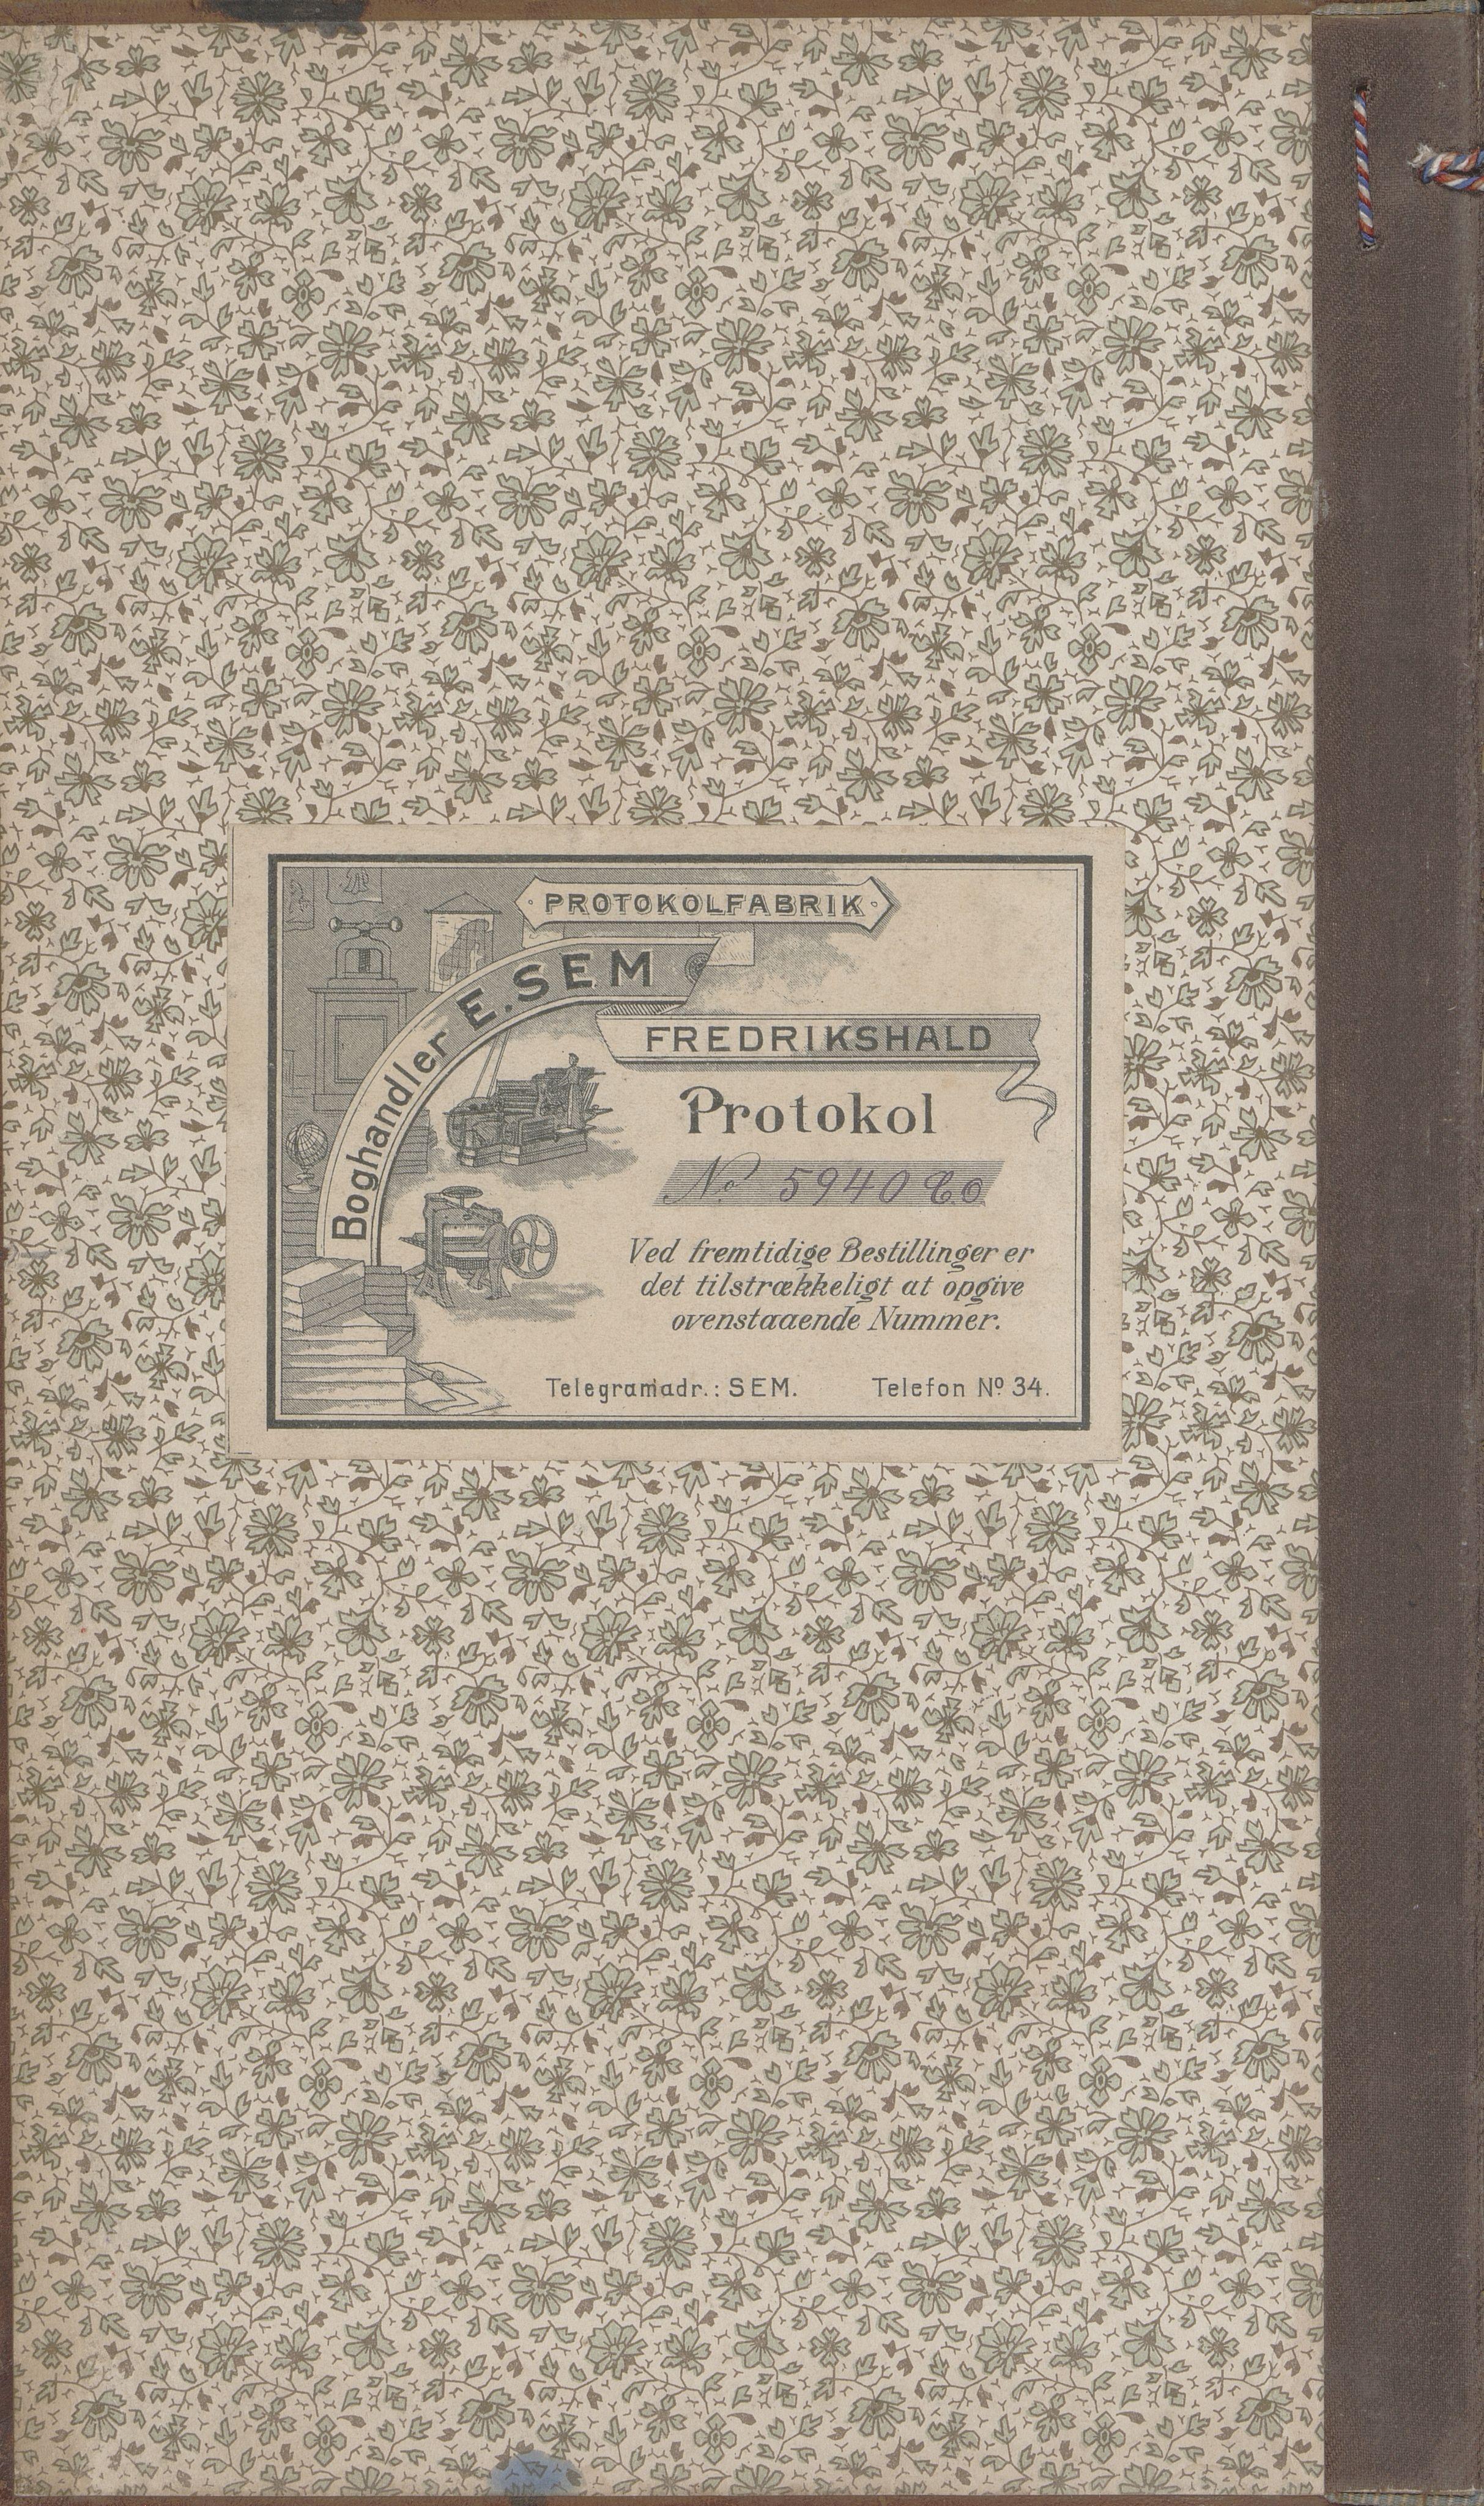 AIN, Brønnøy kommune. Formannskapet, A/Aa/L0002d: Møtebok, 1910-1916